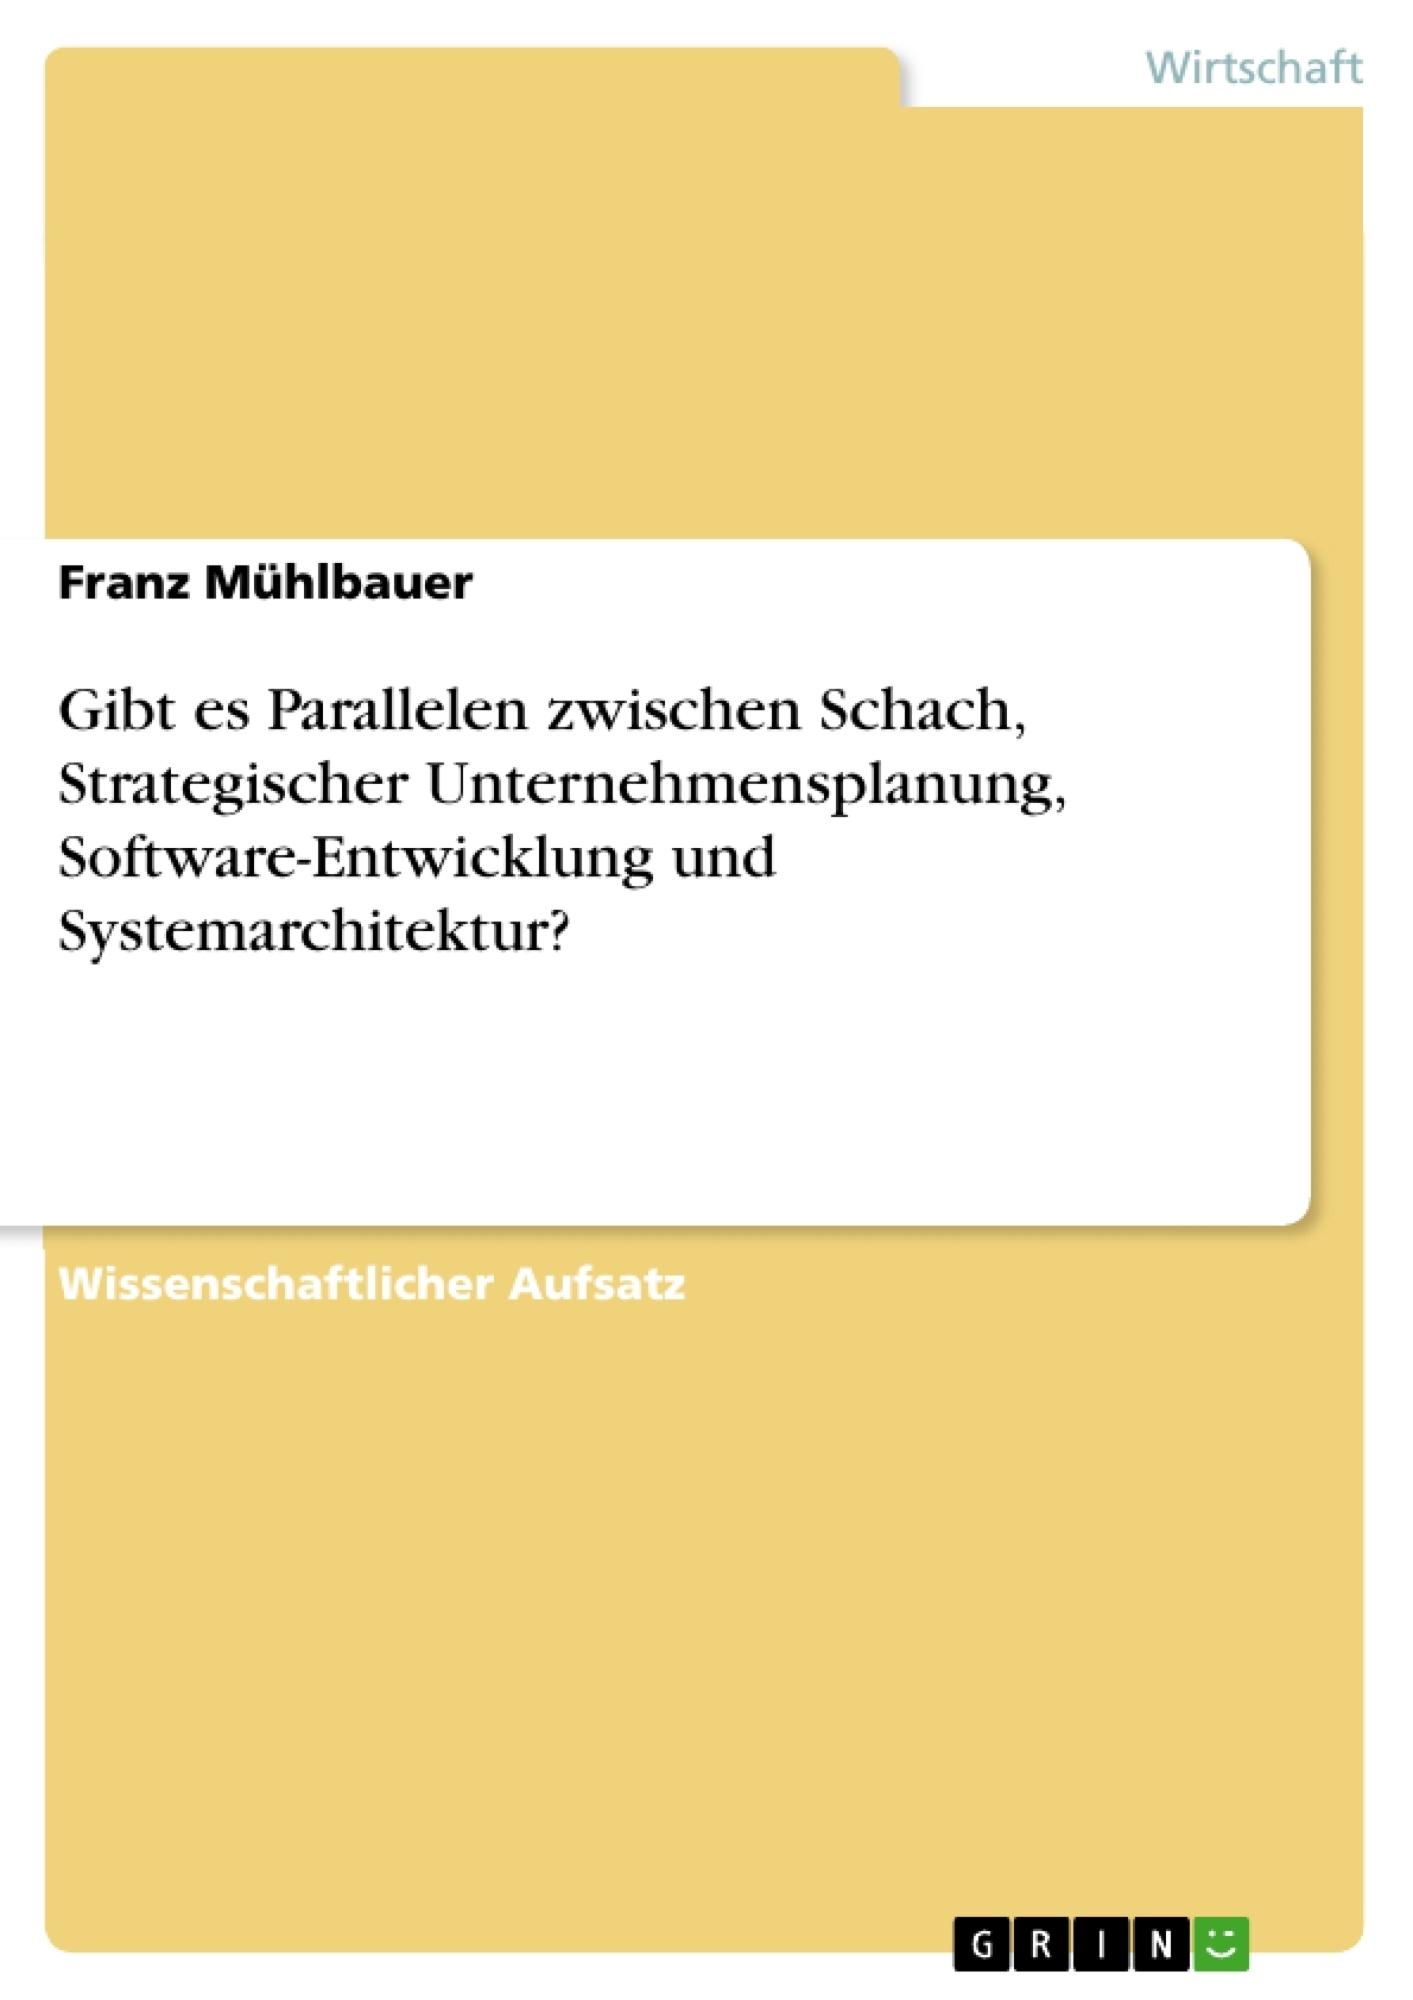 Titel: Gibt es Parallelen zwischen Schach, Strategischer Unternehmensplanung, Software-Entwicklung und Systemarchitektur?